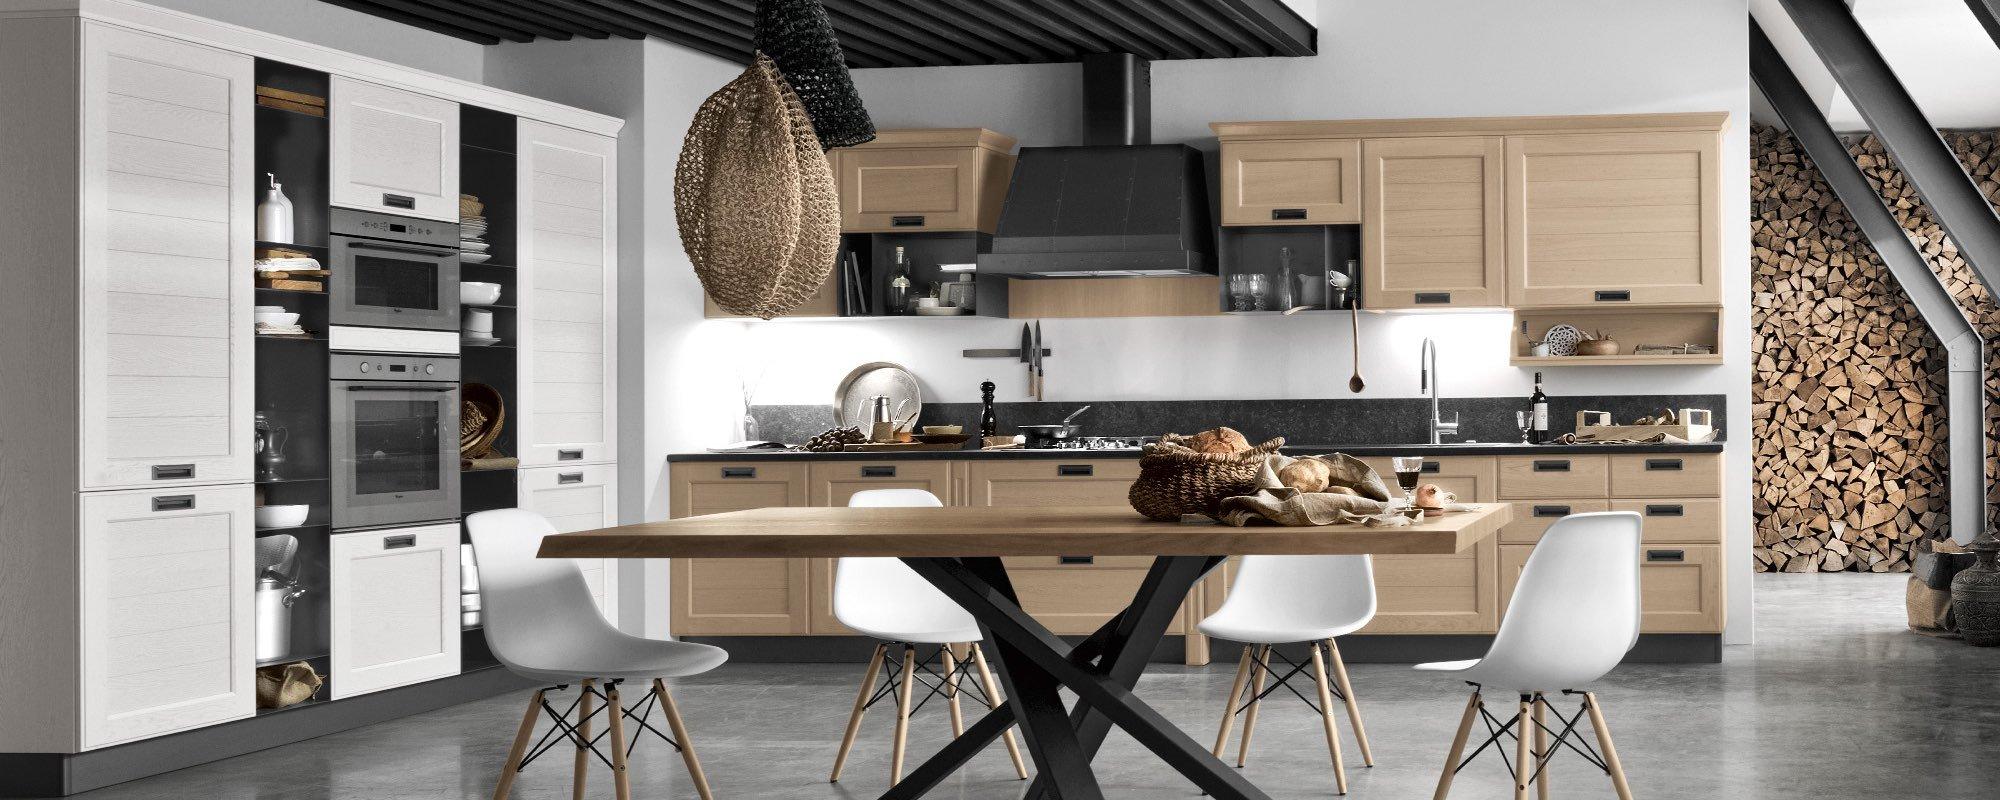 cucina moderna in quercia con tavolo e sedie -YORK